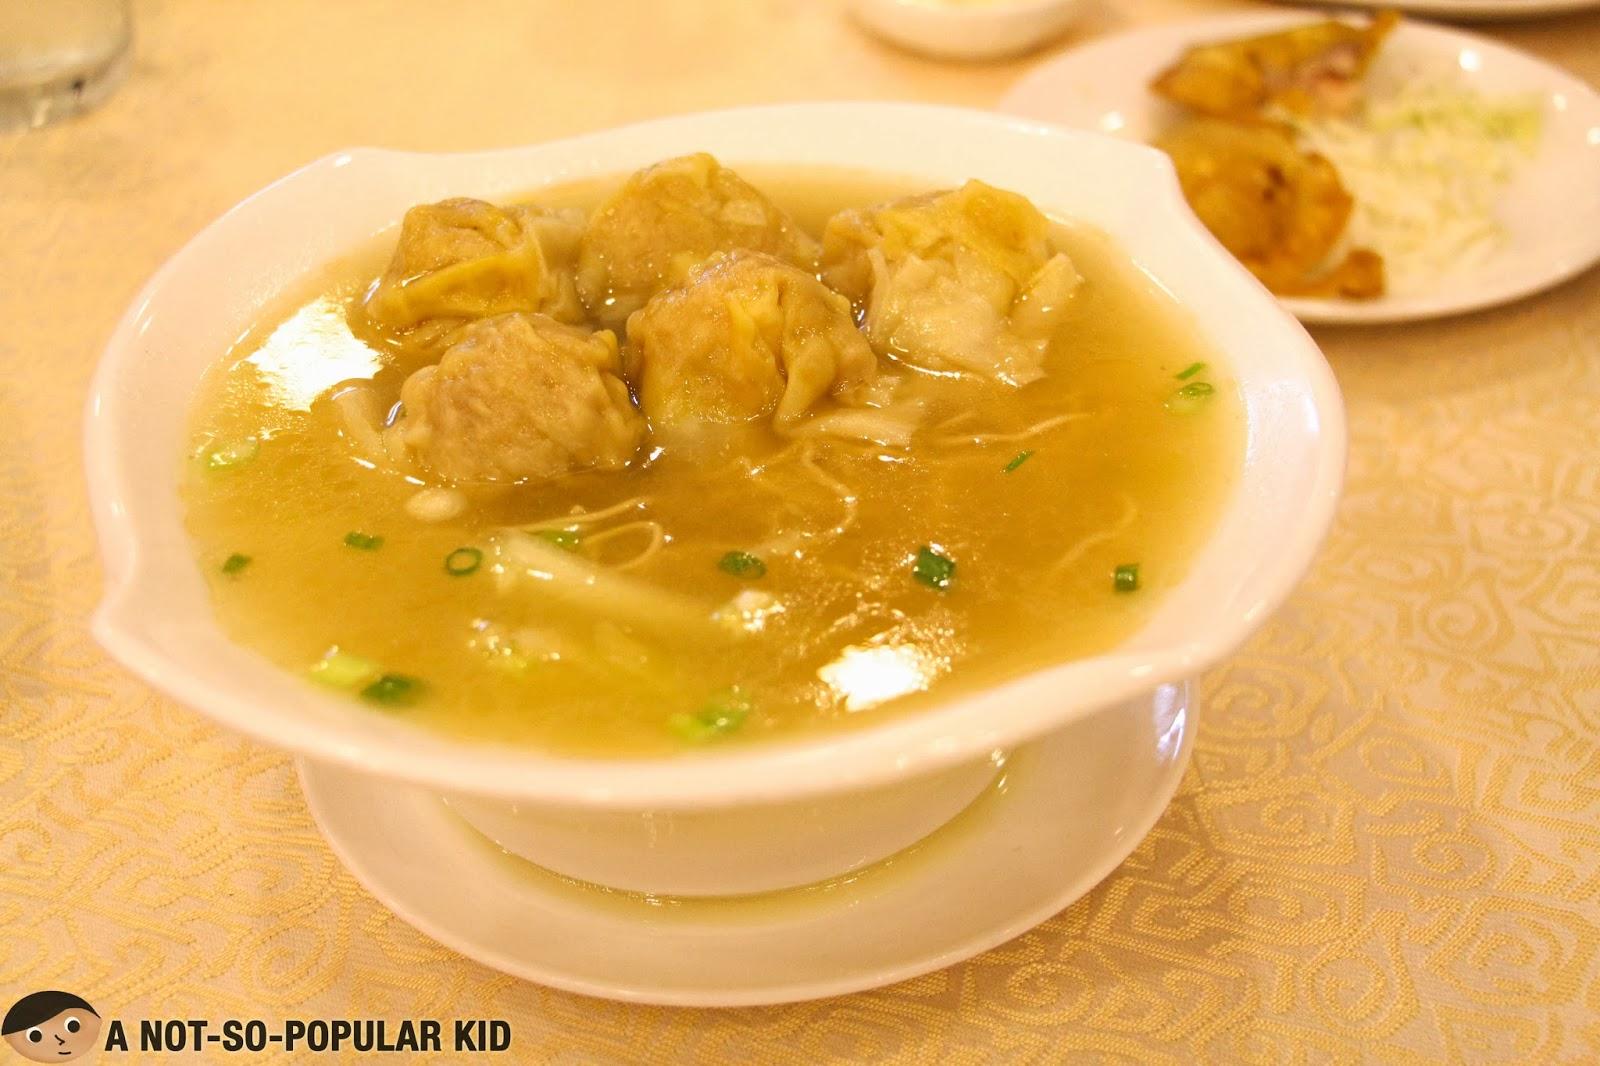 Wanton Soup Noodle of Golden Fortune